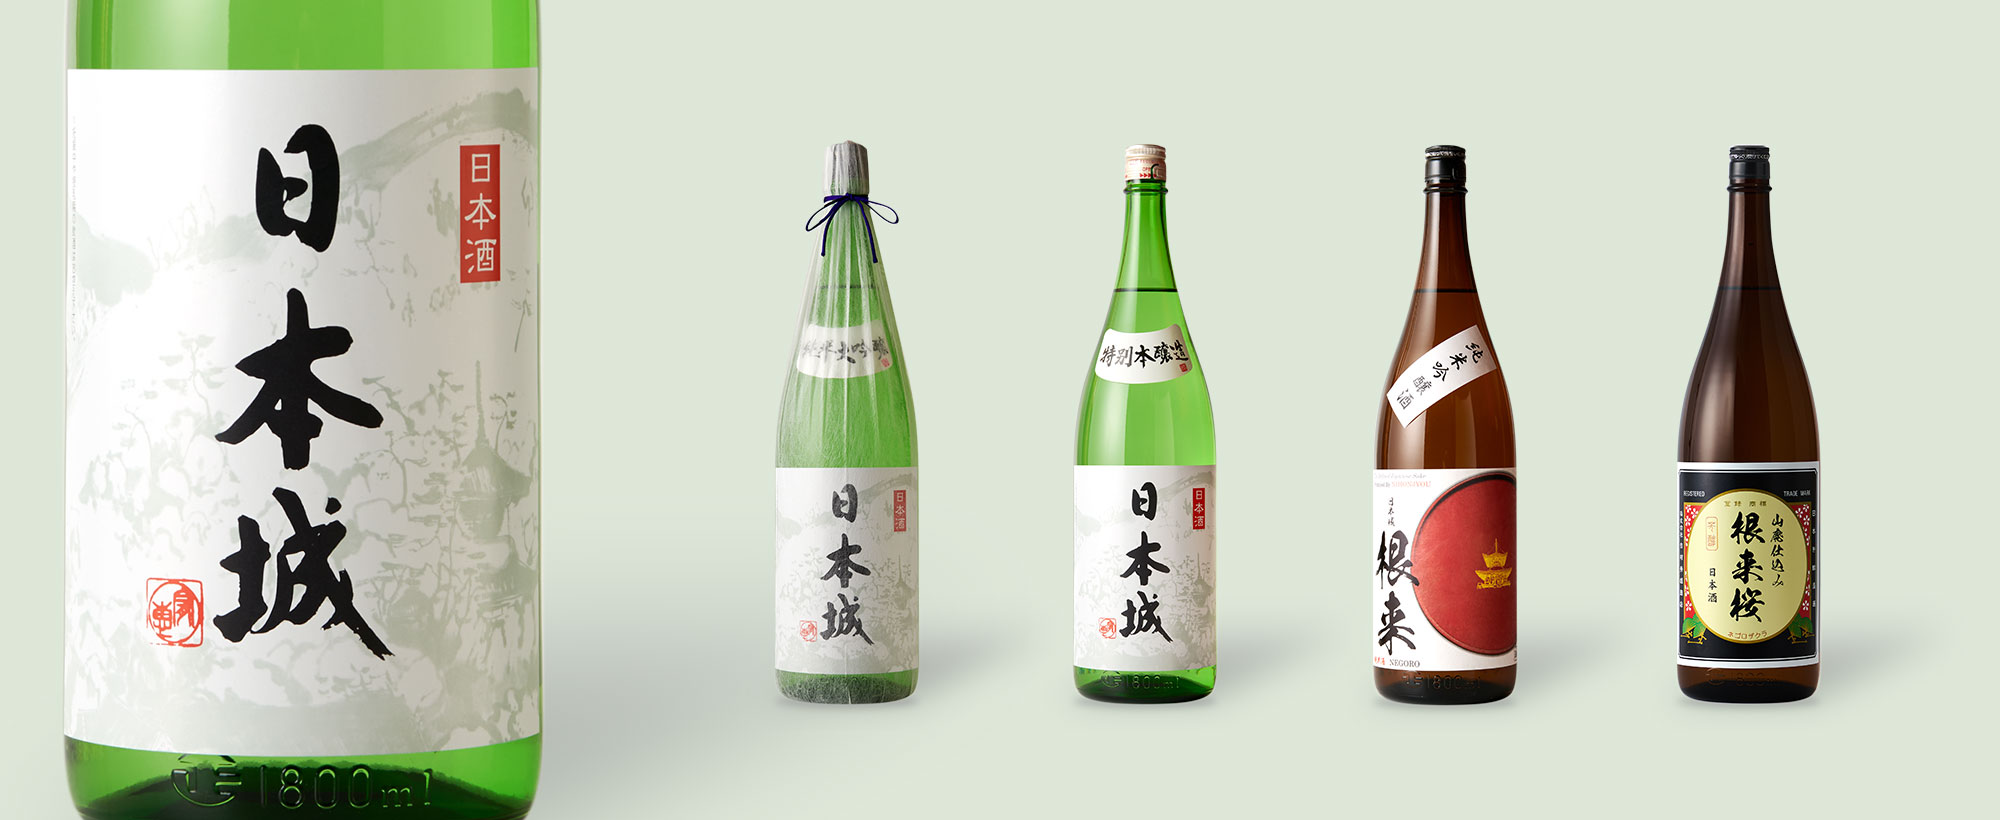 Nihonjou